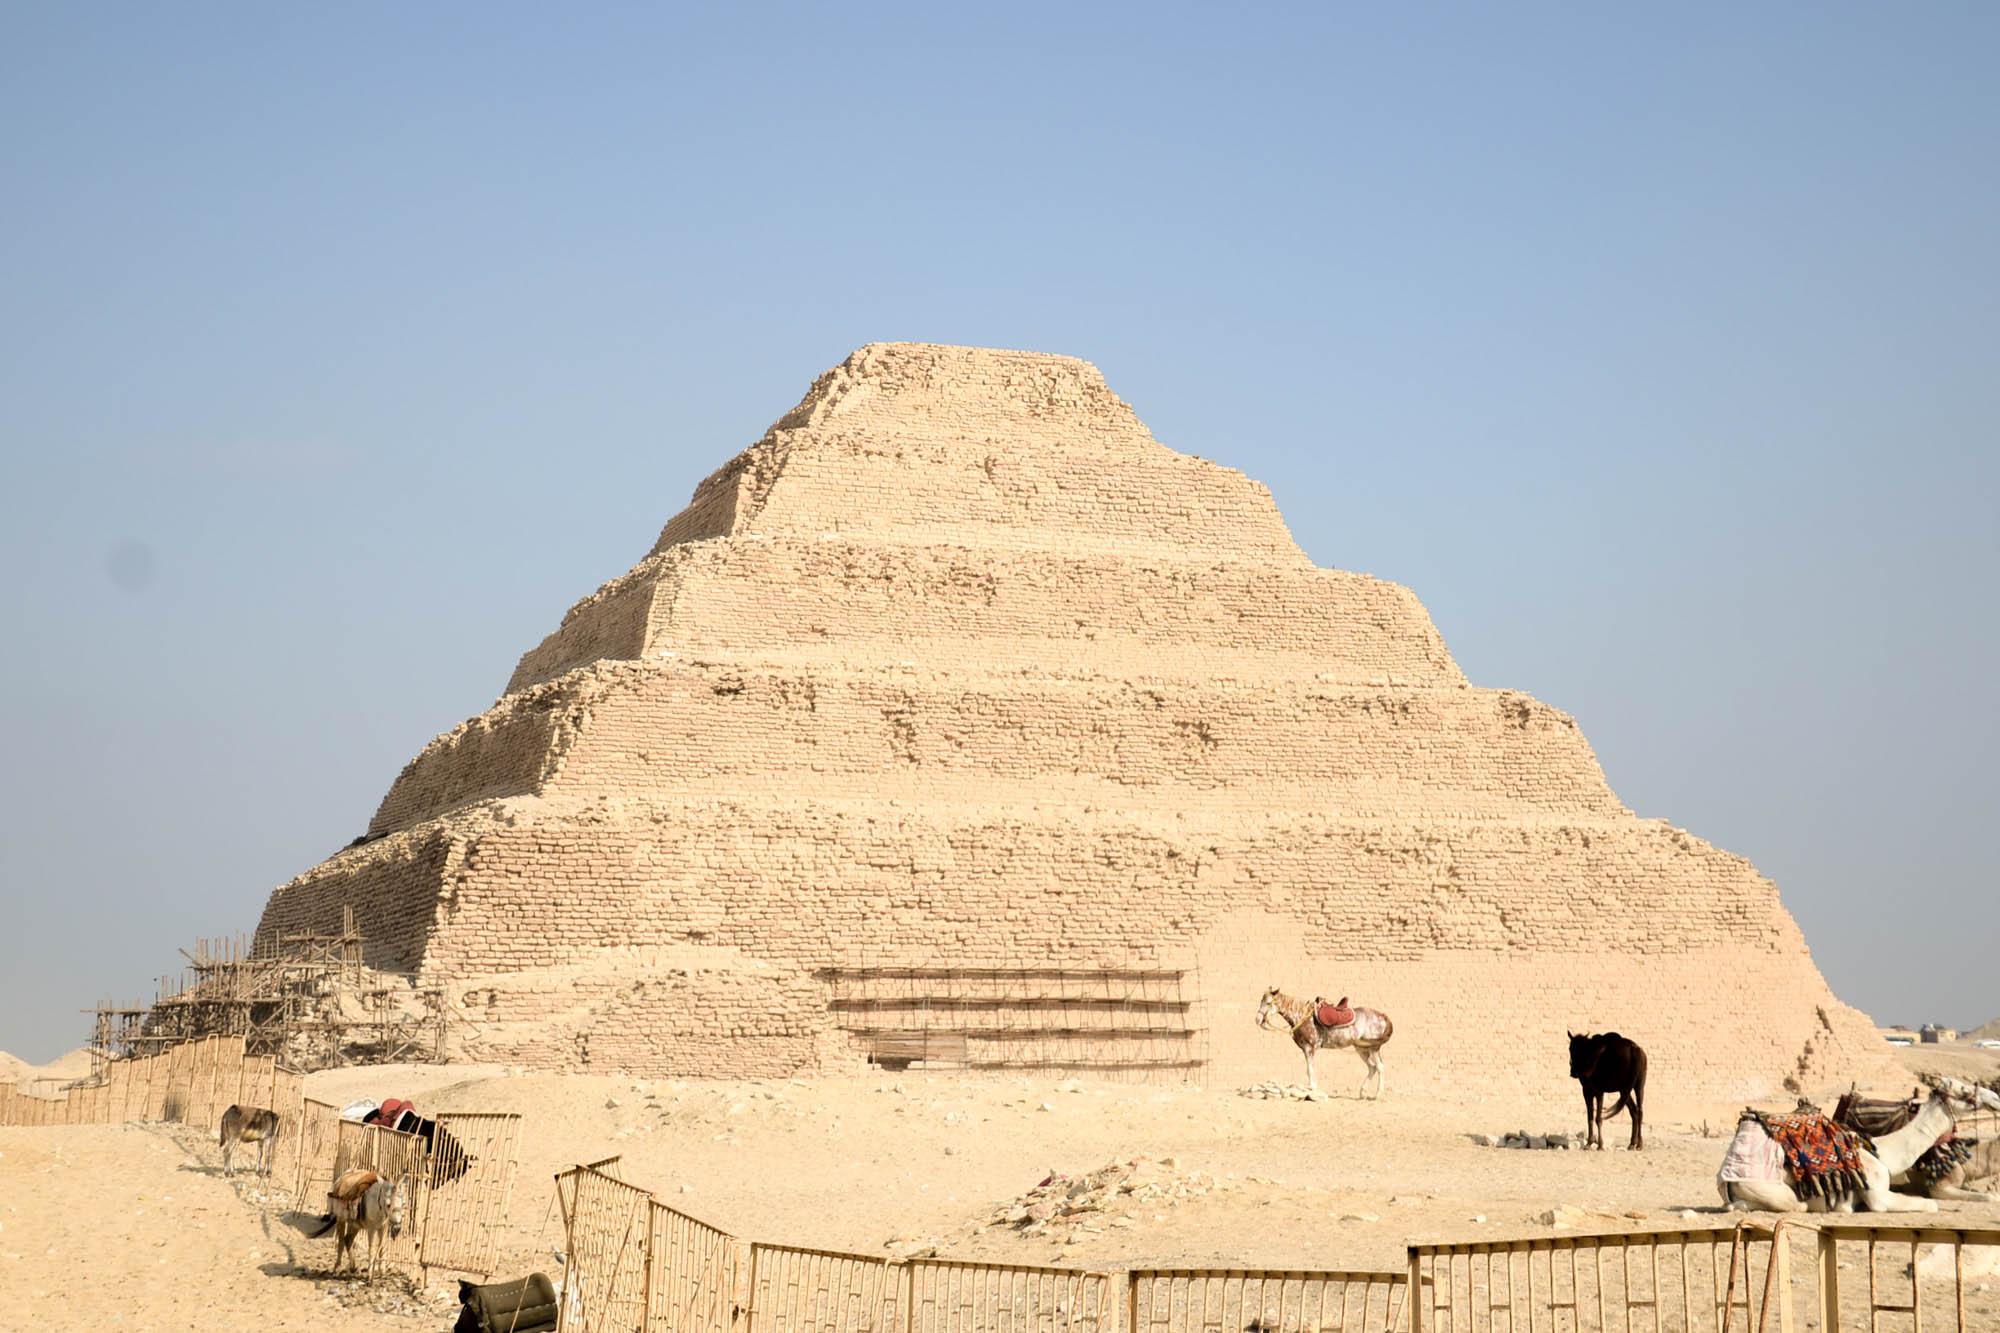 Die Stufenpyramide des Djoser in Saqqara aus der 3. Dynastie ist die älteste Pyramide in Ägypten. Auf die ursprünglich quadratische Mastaba wurde in mehreren Bauschichten eine Stufenform geschichtet. Foto: Matthieu Götz.